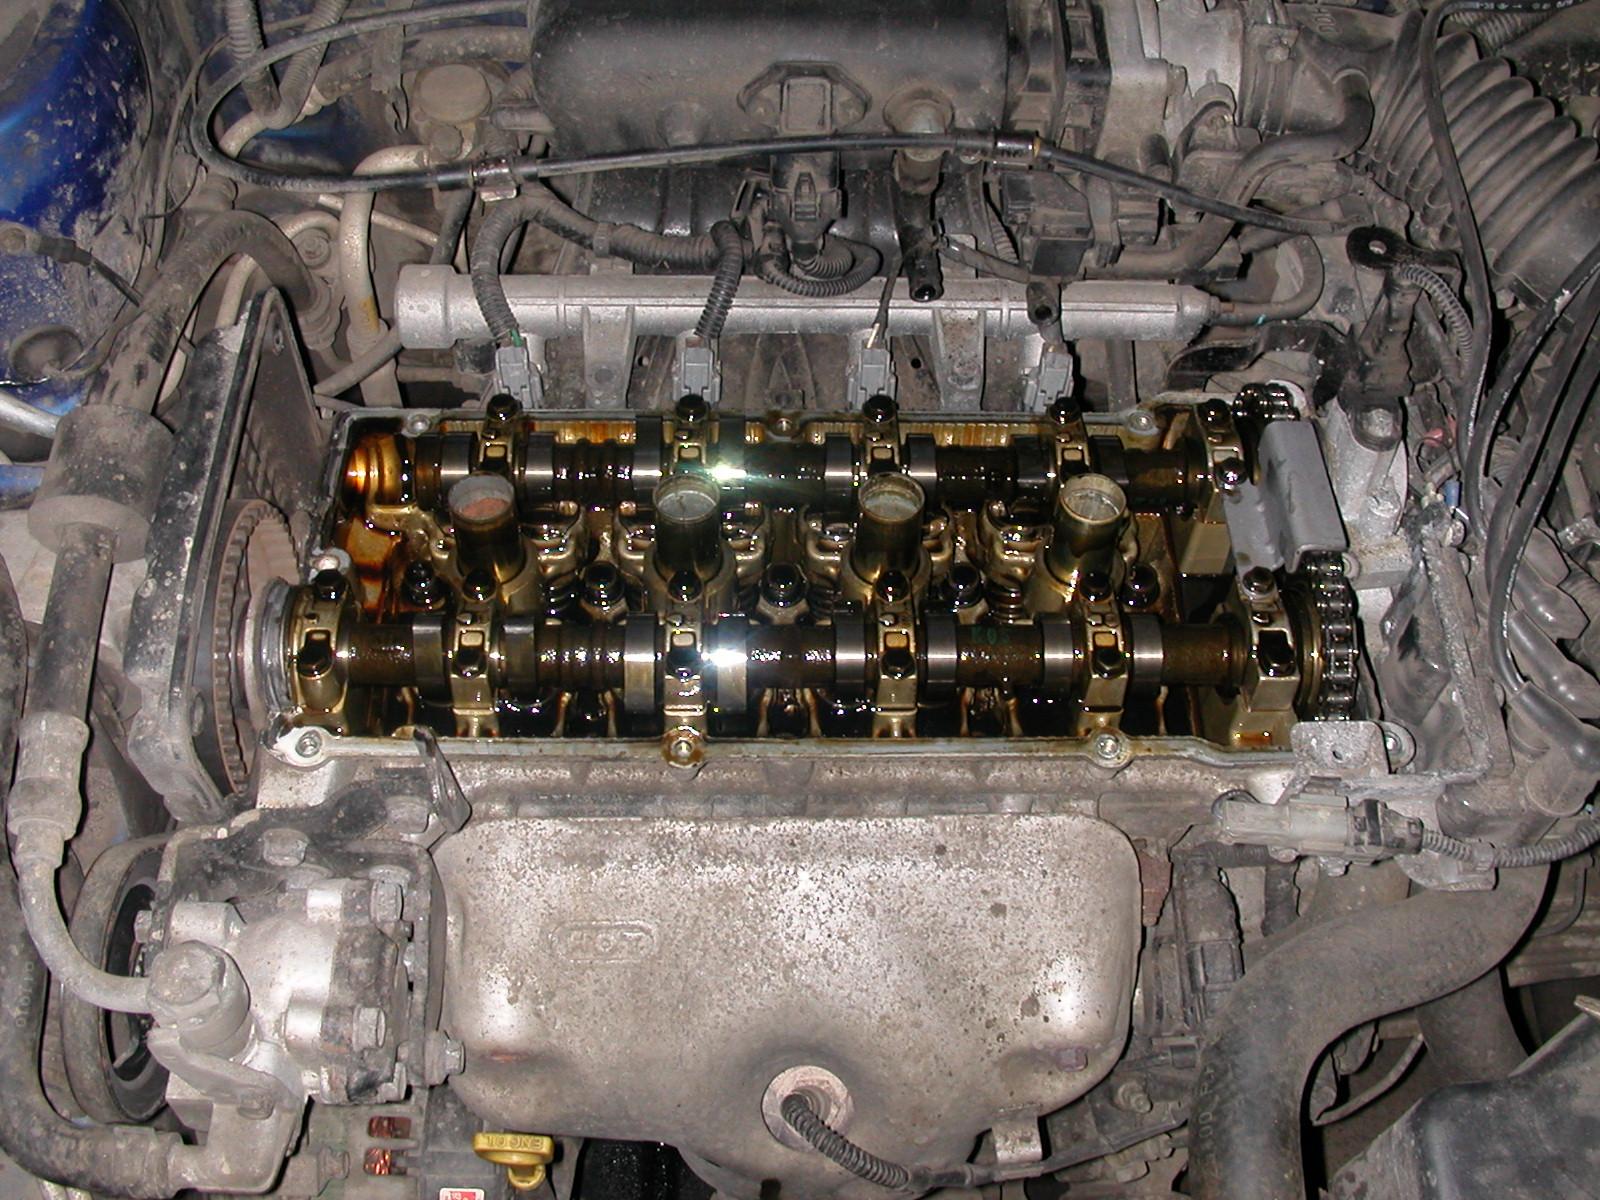 Хендай акцент ремонт своими руками двигатель